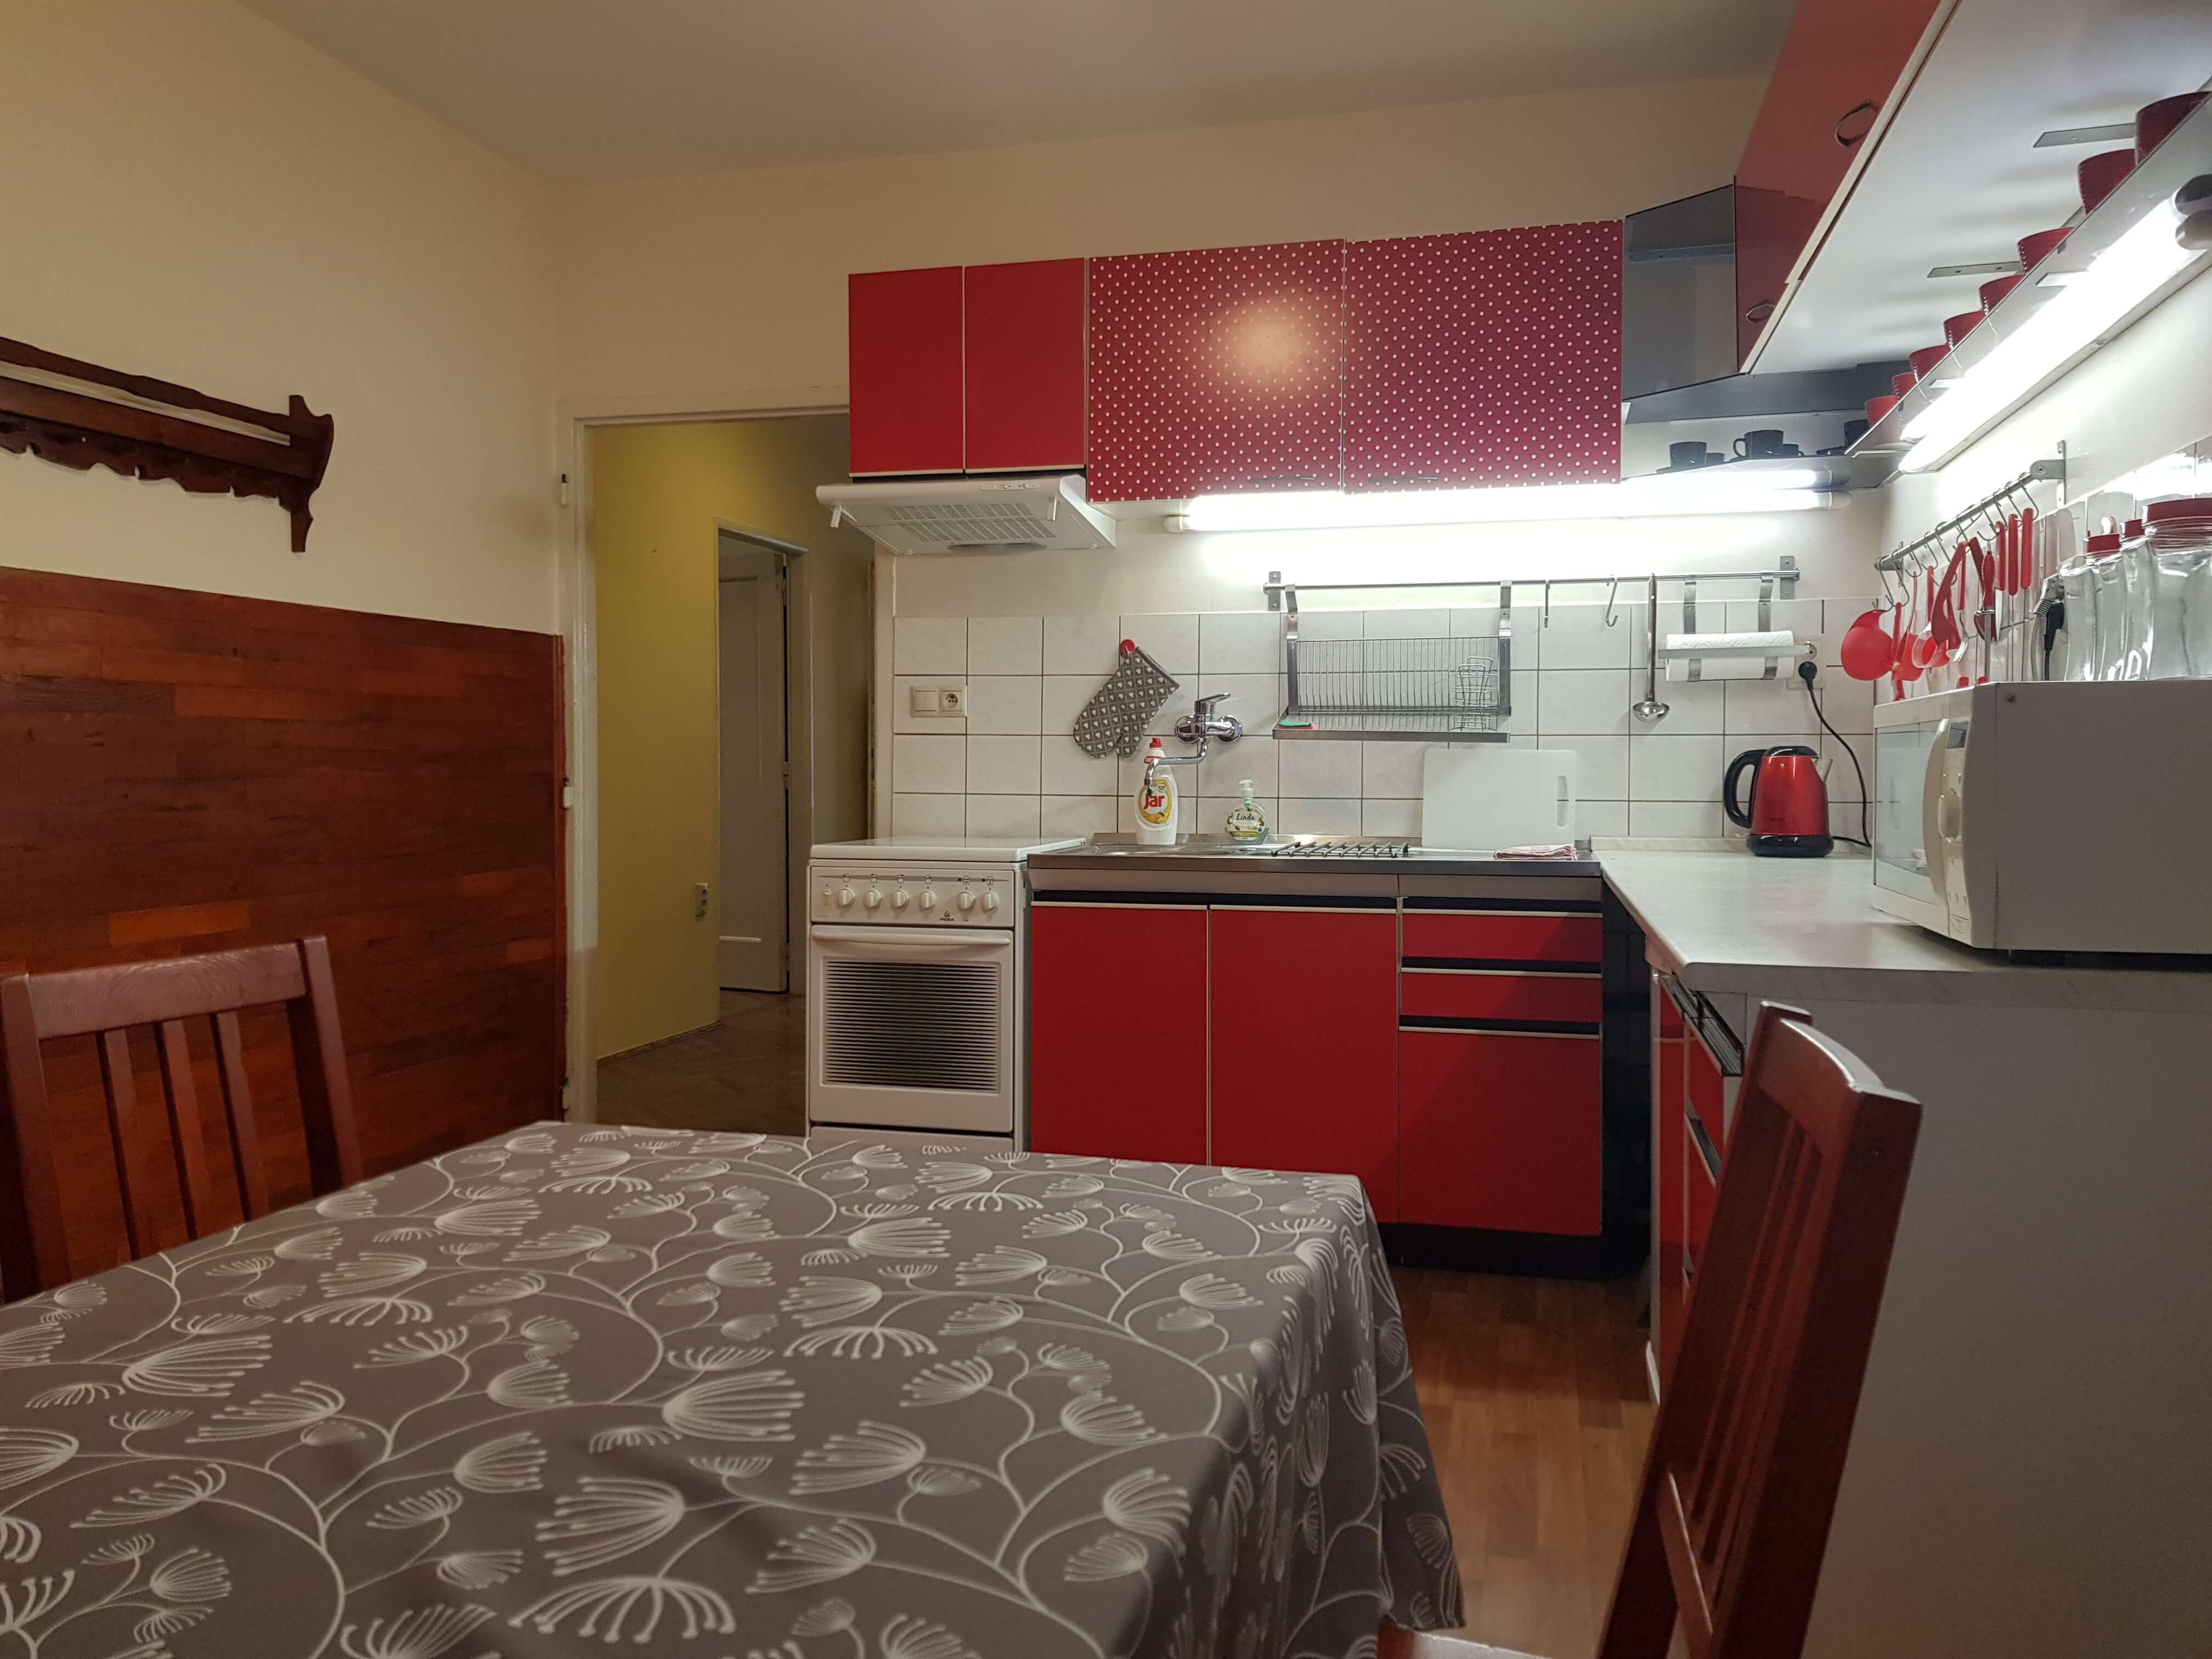 Predaj exkluzívneho 2 izb. bytu, staré mesto, Šancová ulica, Bratislava, 75m2, kompletne zariadený-16